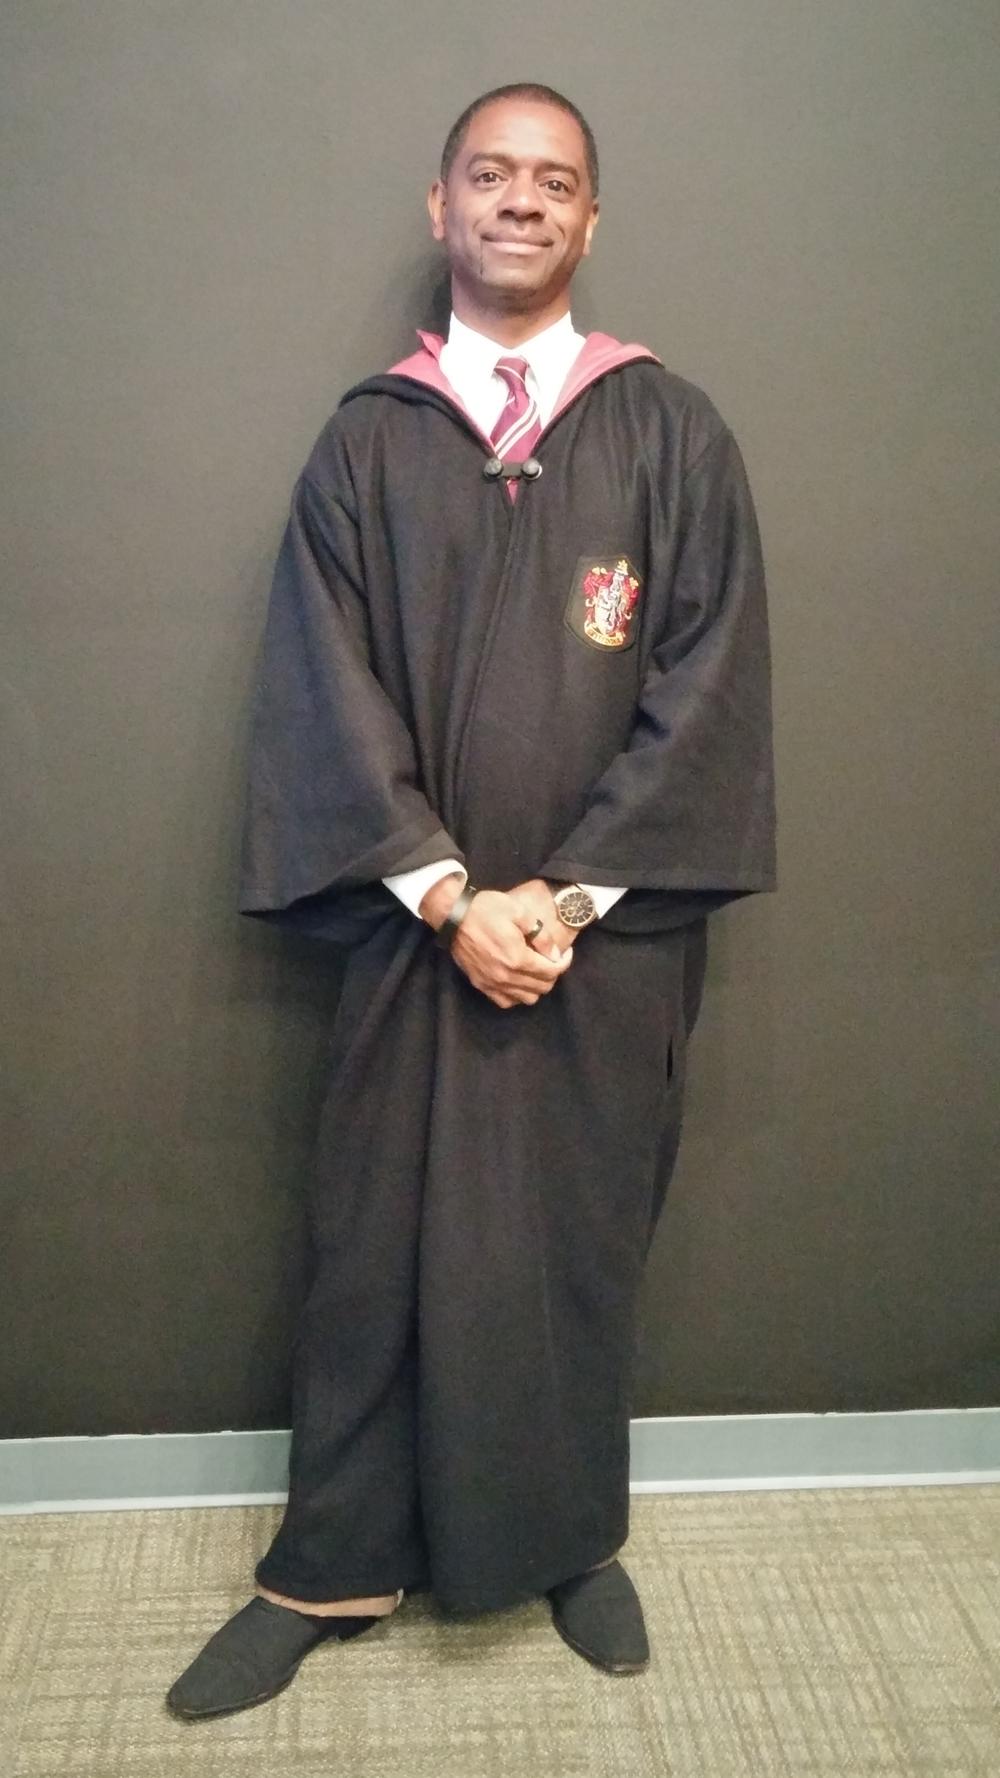 Carlton was a Hogwarts Student